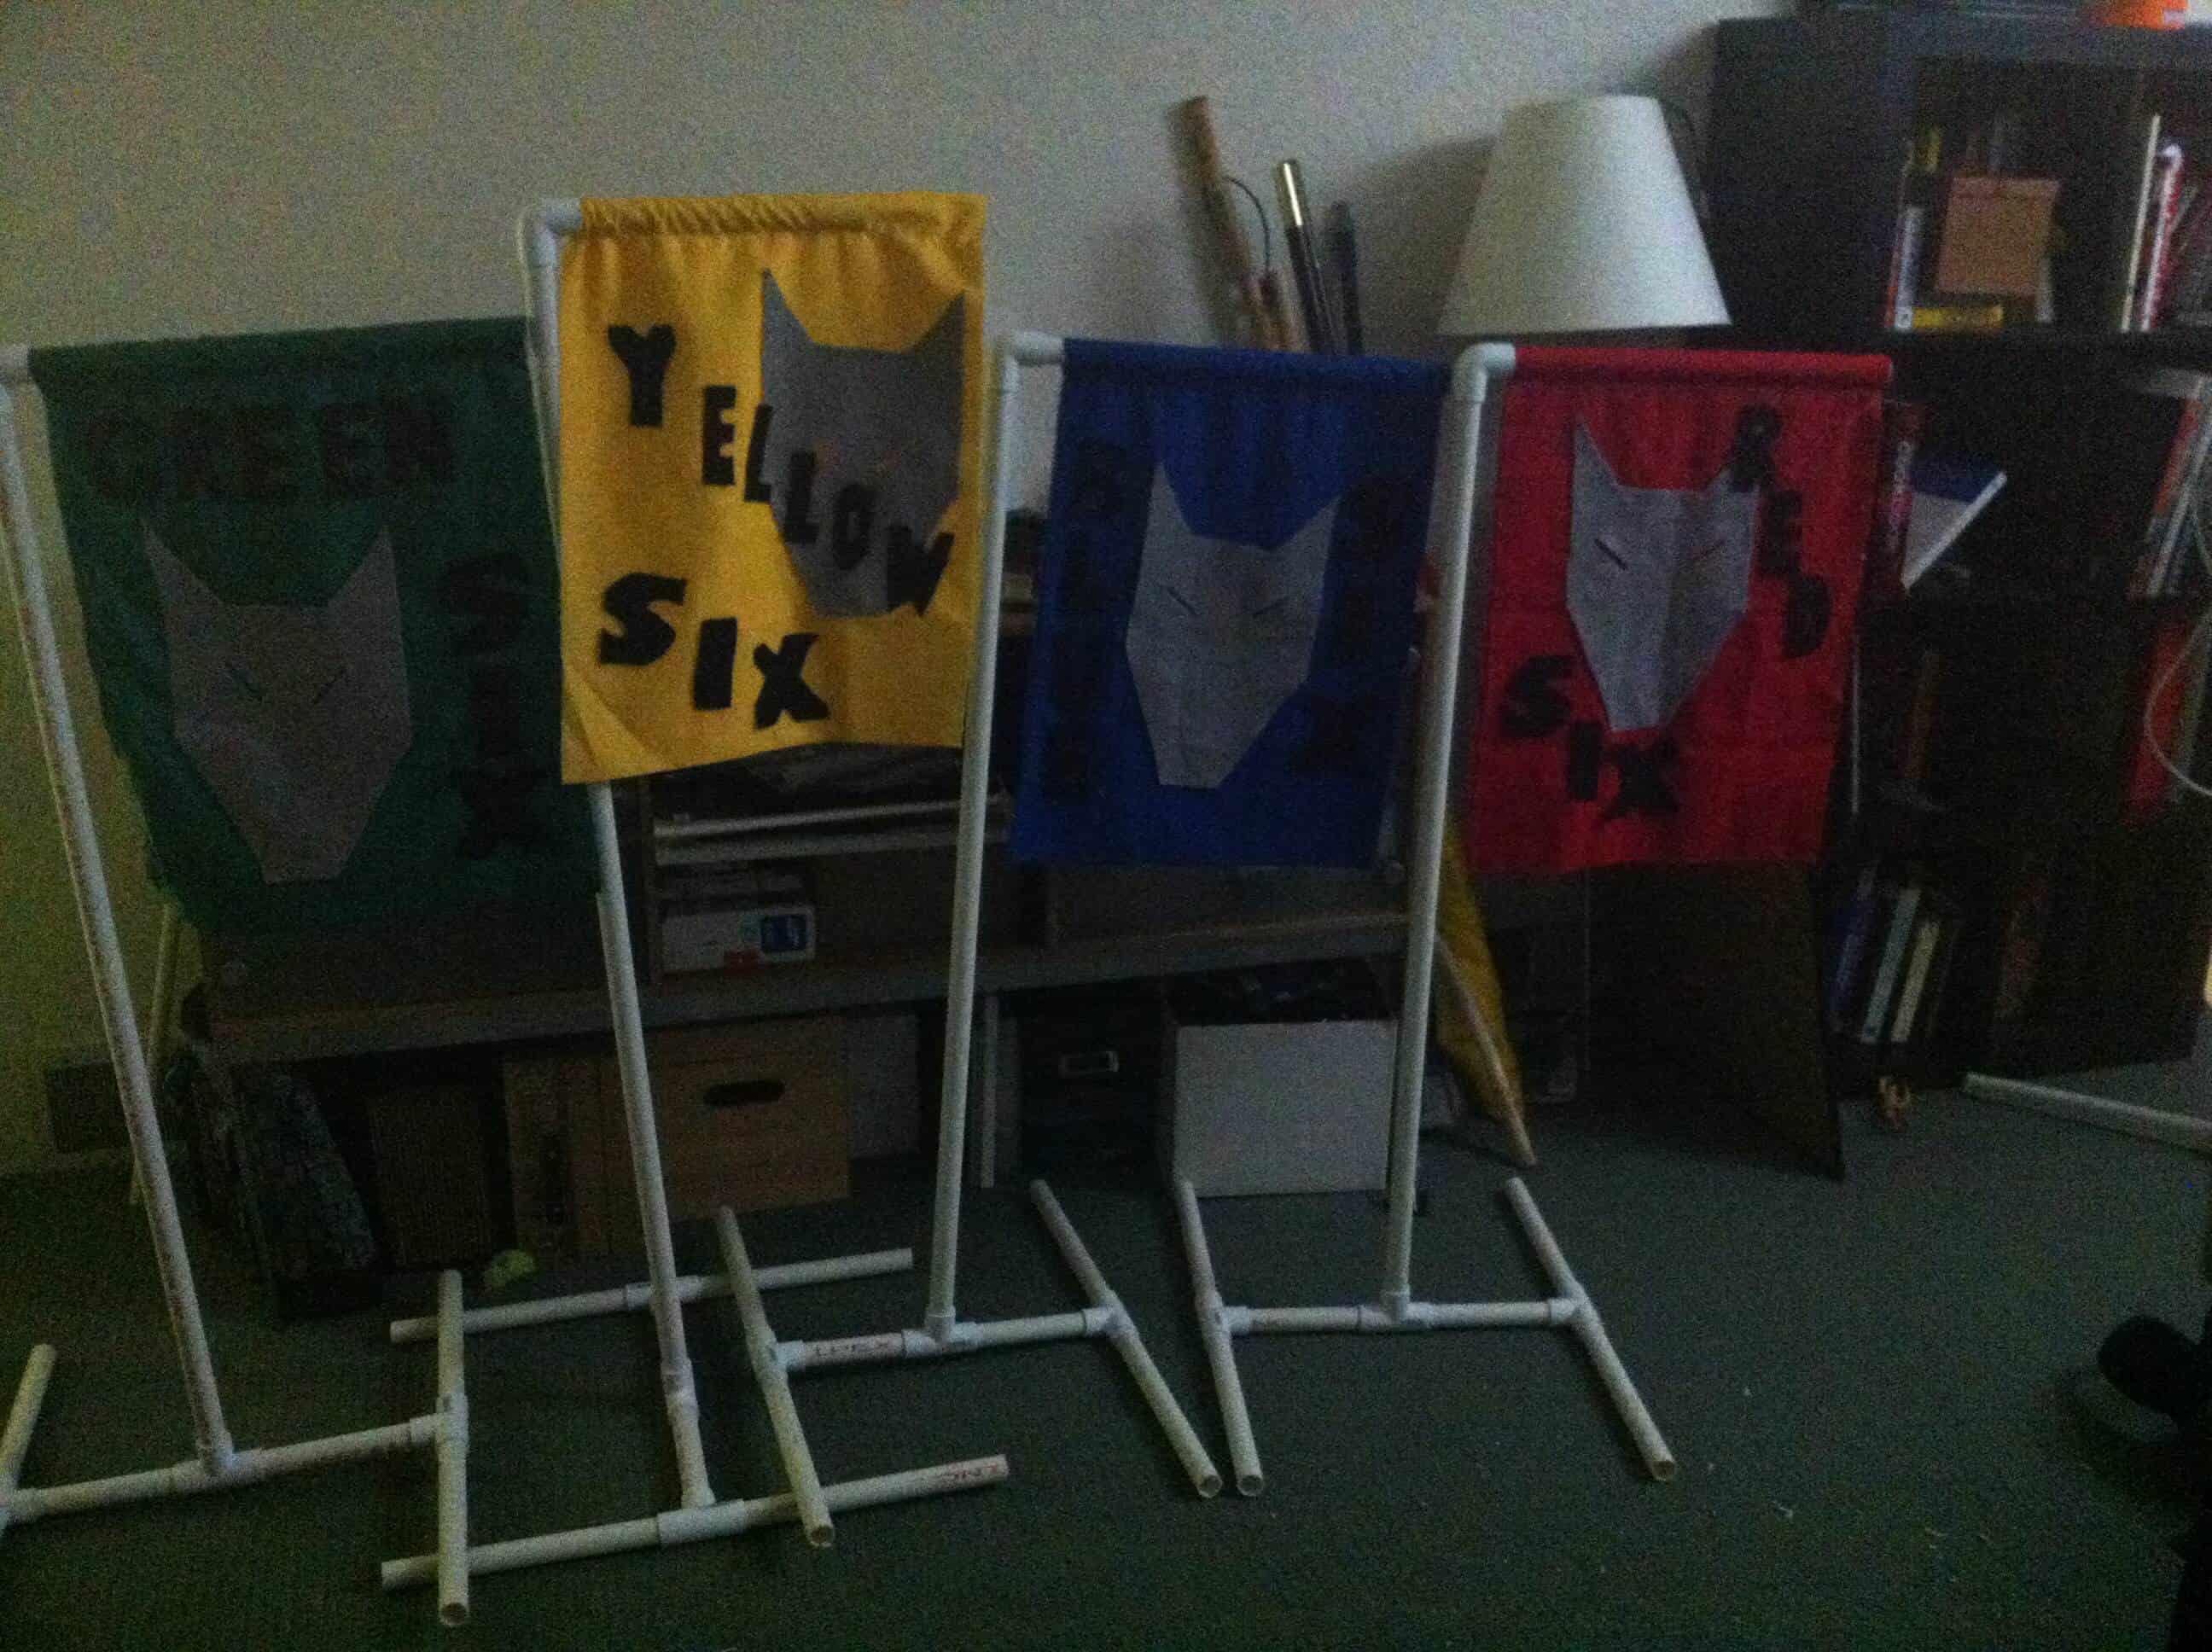 4 Den flags